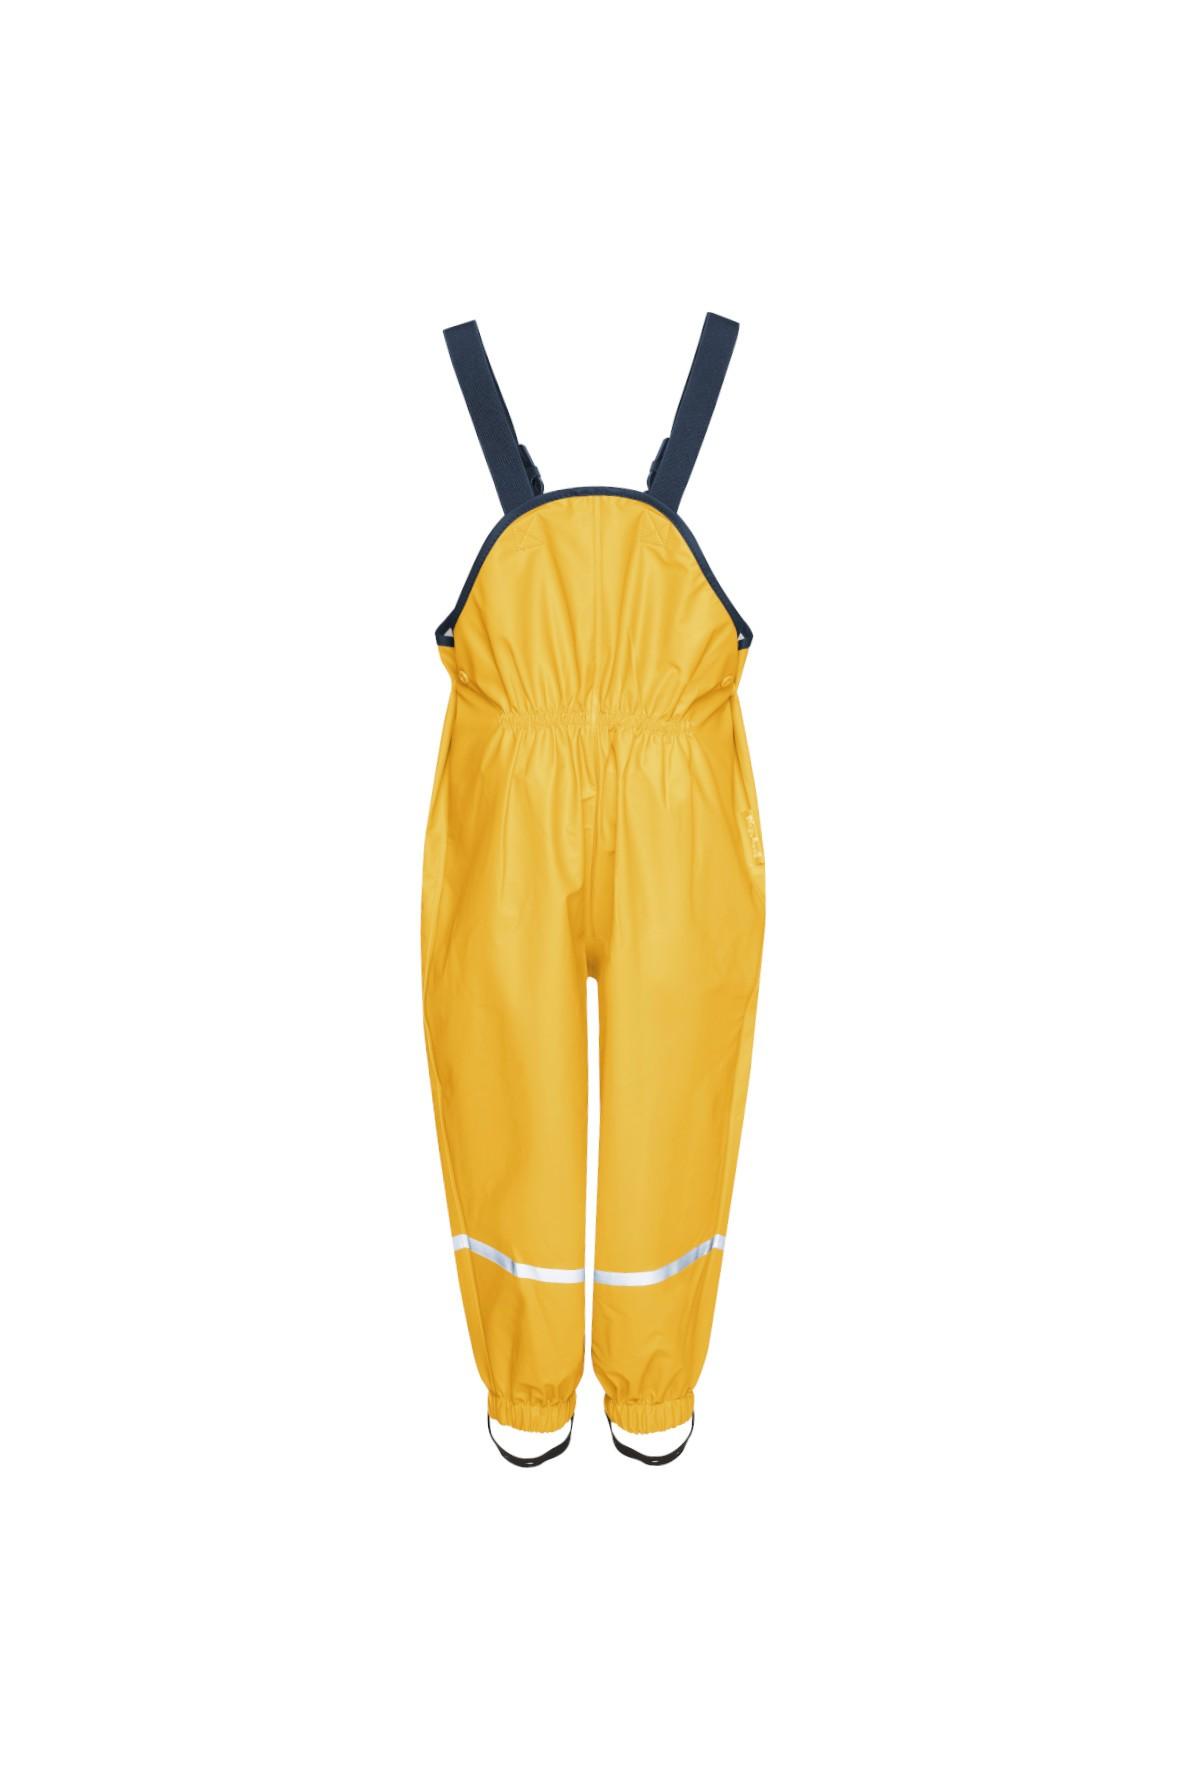 Spodnie przeciwdeszczowe Playshoes-żółte